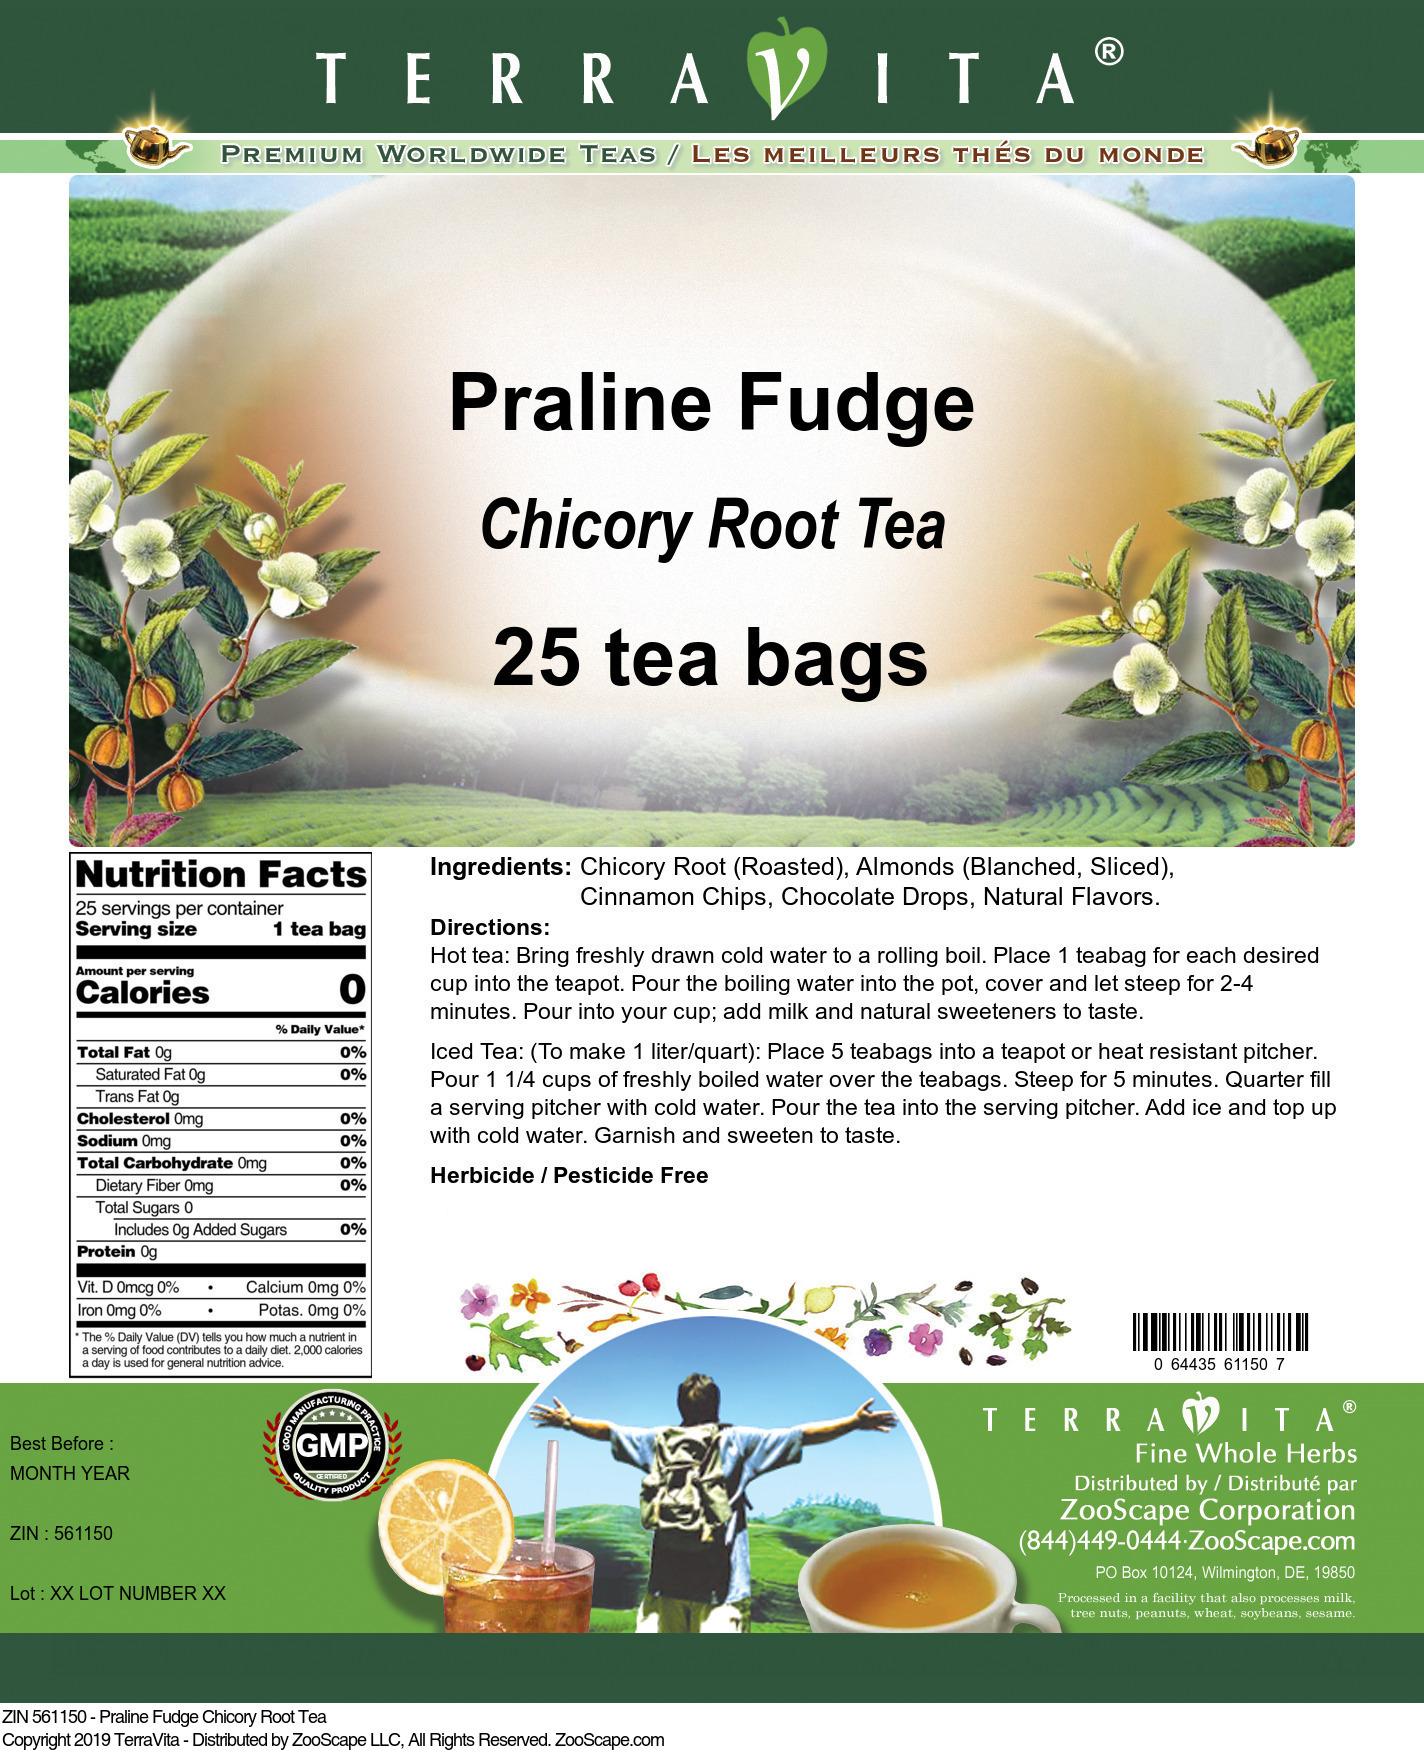 Praline Fudge Chicory Root